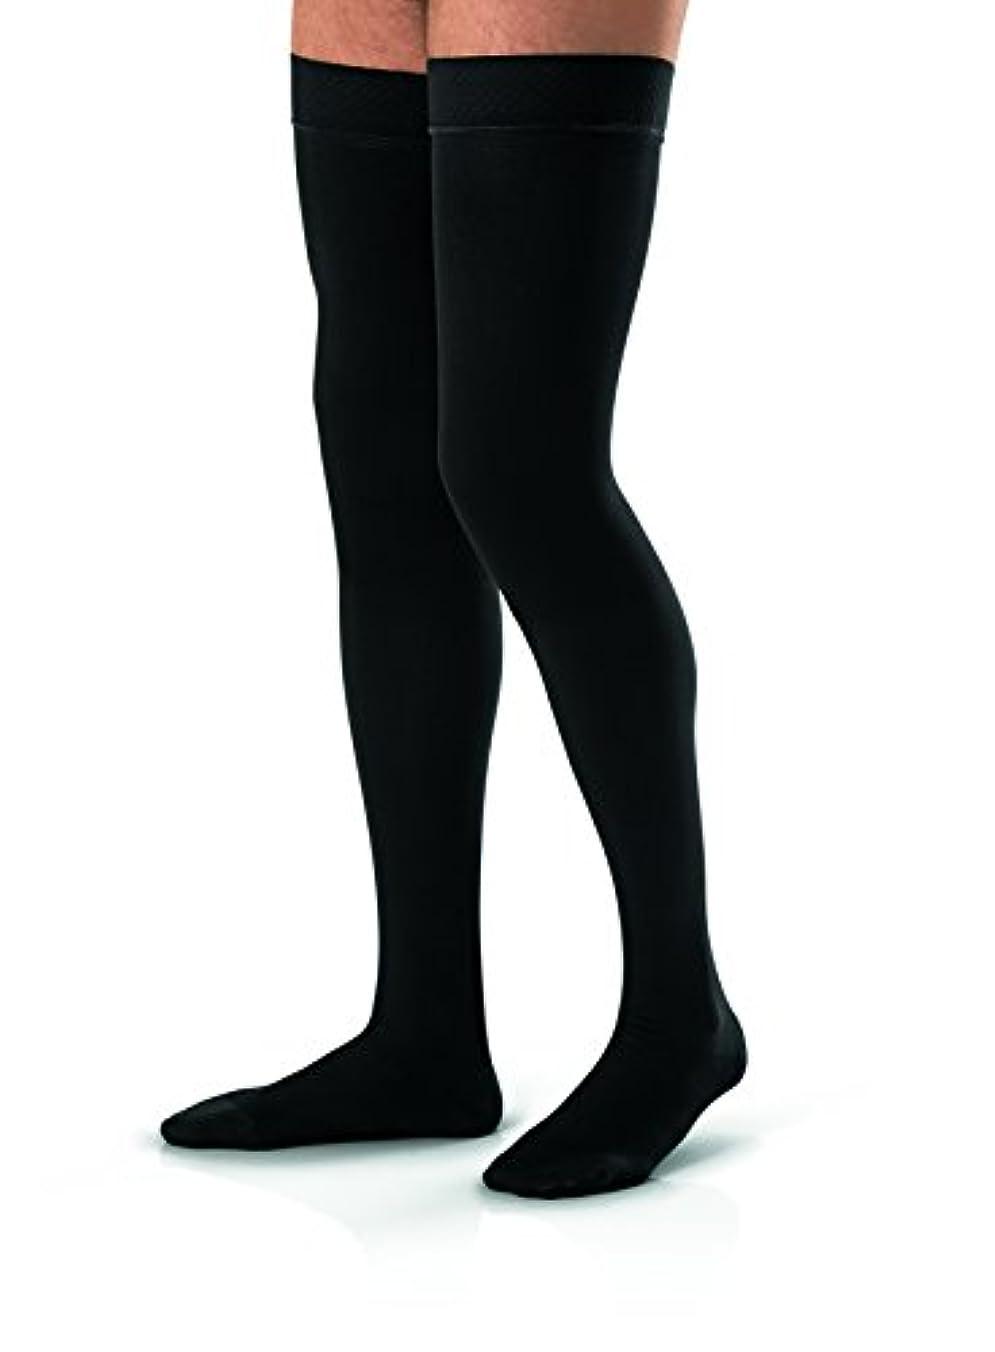 チャット簡略化する出版Men's 30-40 mmHg Closed Toe Thigh High Support Sock Size: Small, Color: Black by Jobst